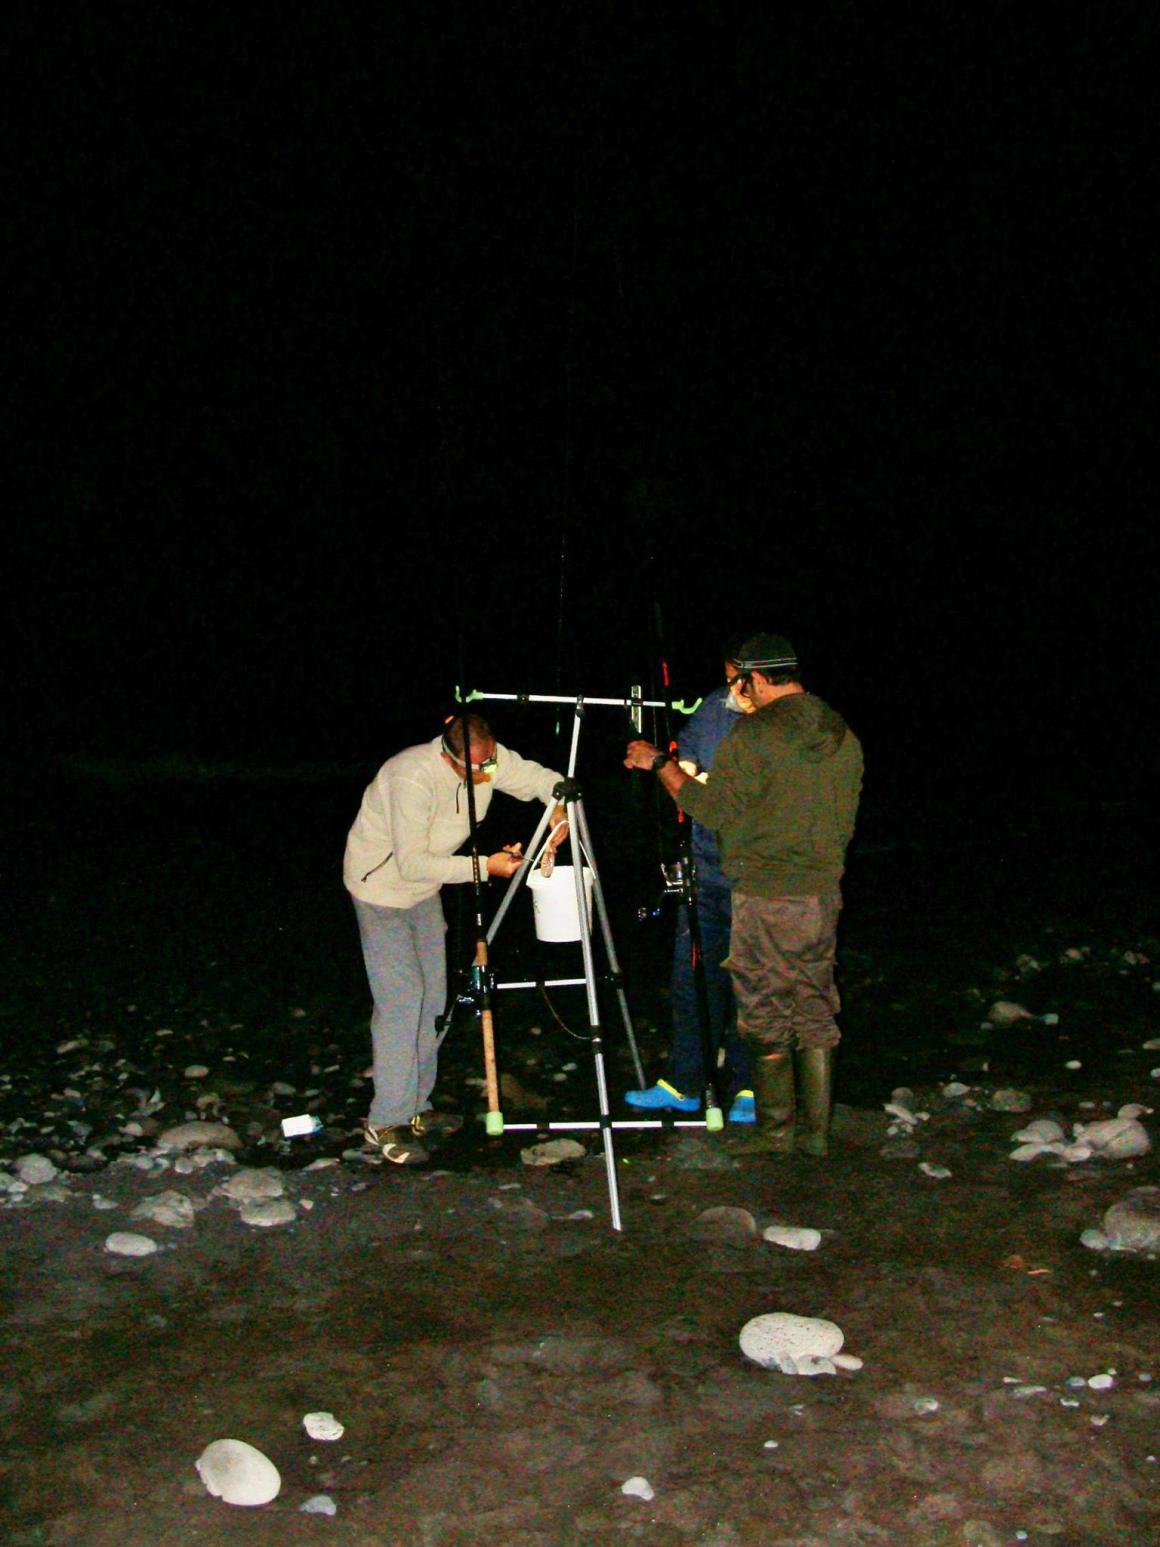 Crise requin, mon expérience d'éco-volontaire à La Réunion